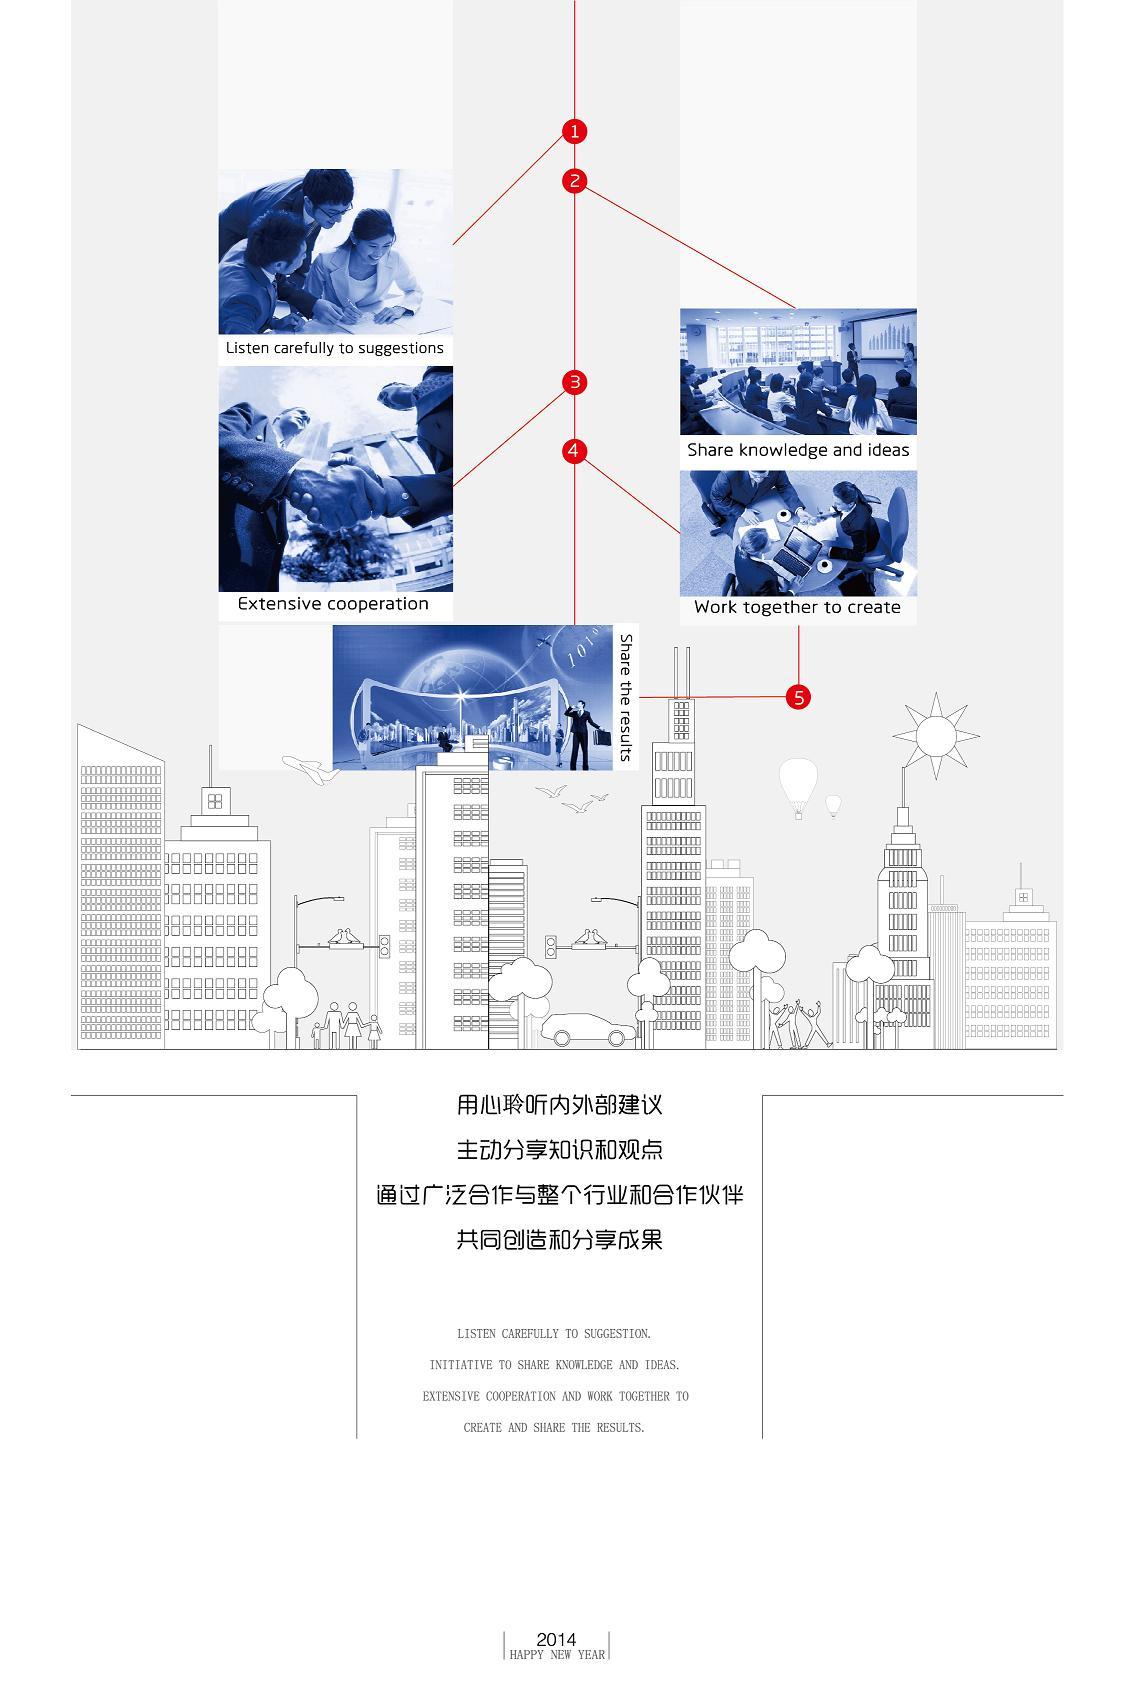 关于深圳爱特天翔科技有限公司